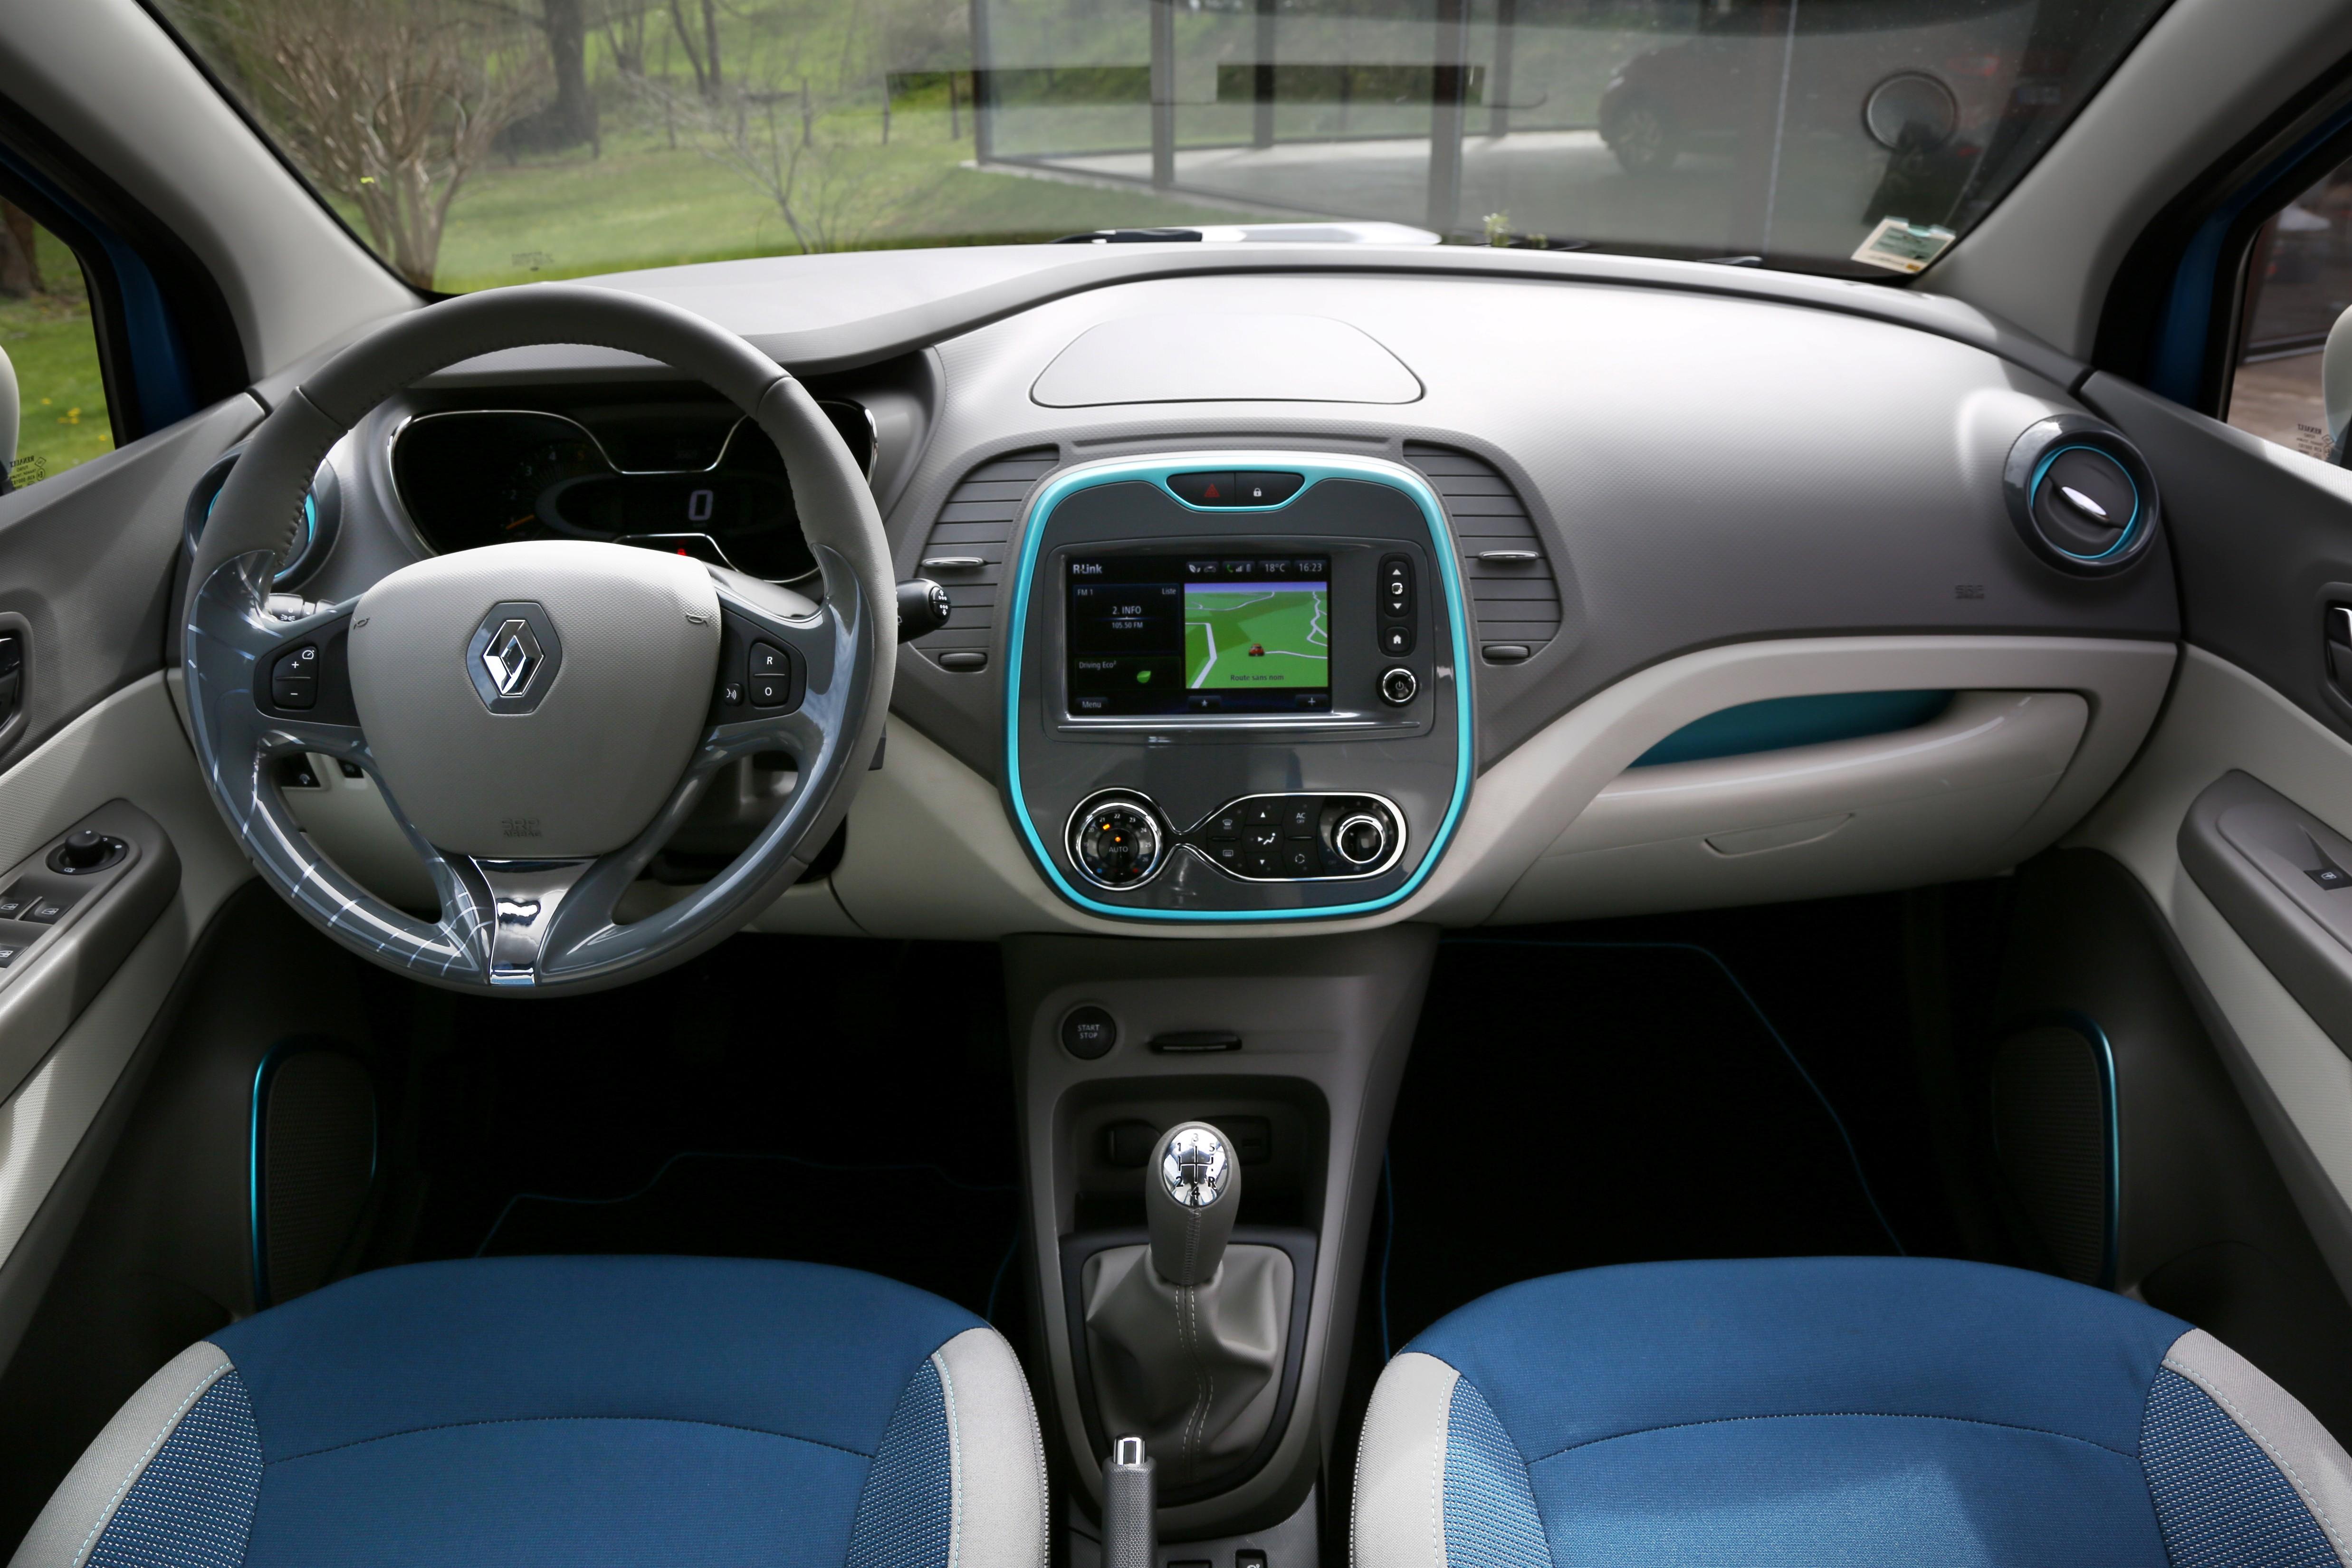 Renault_45917_global_en